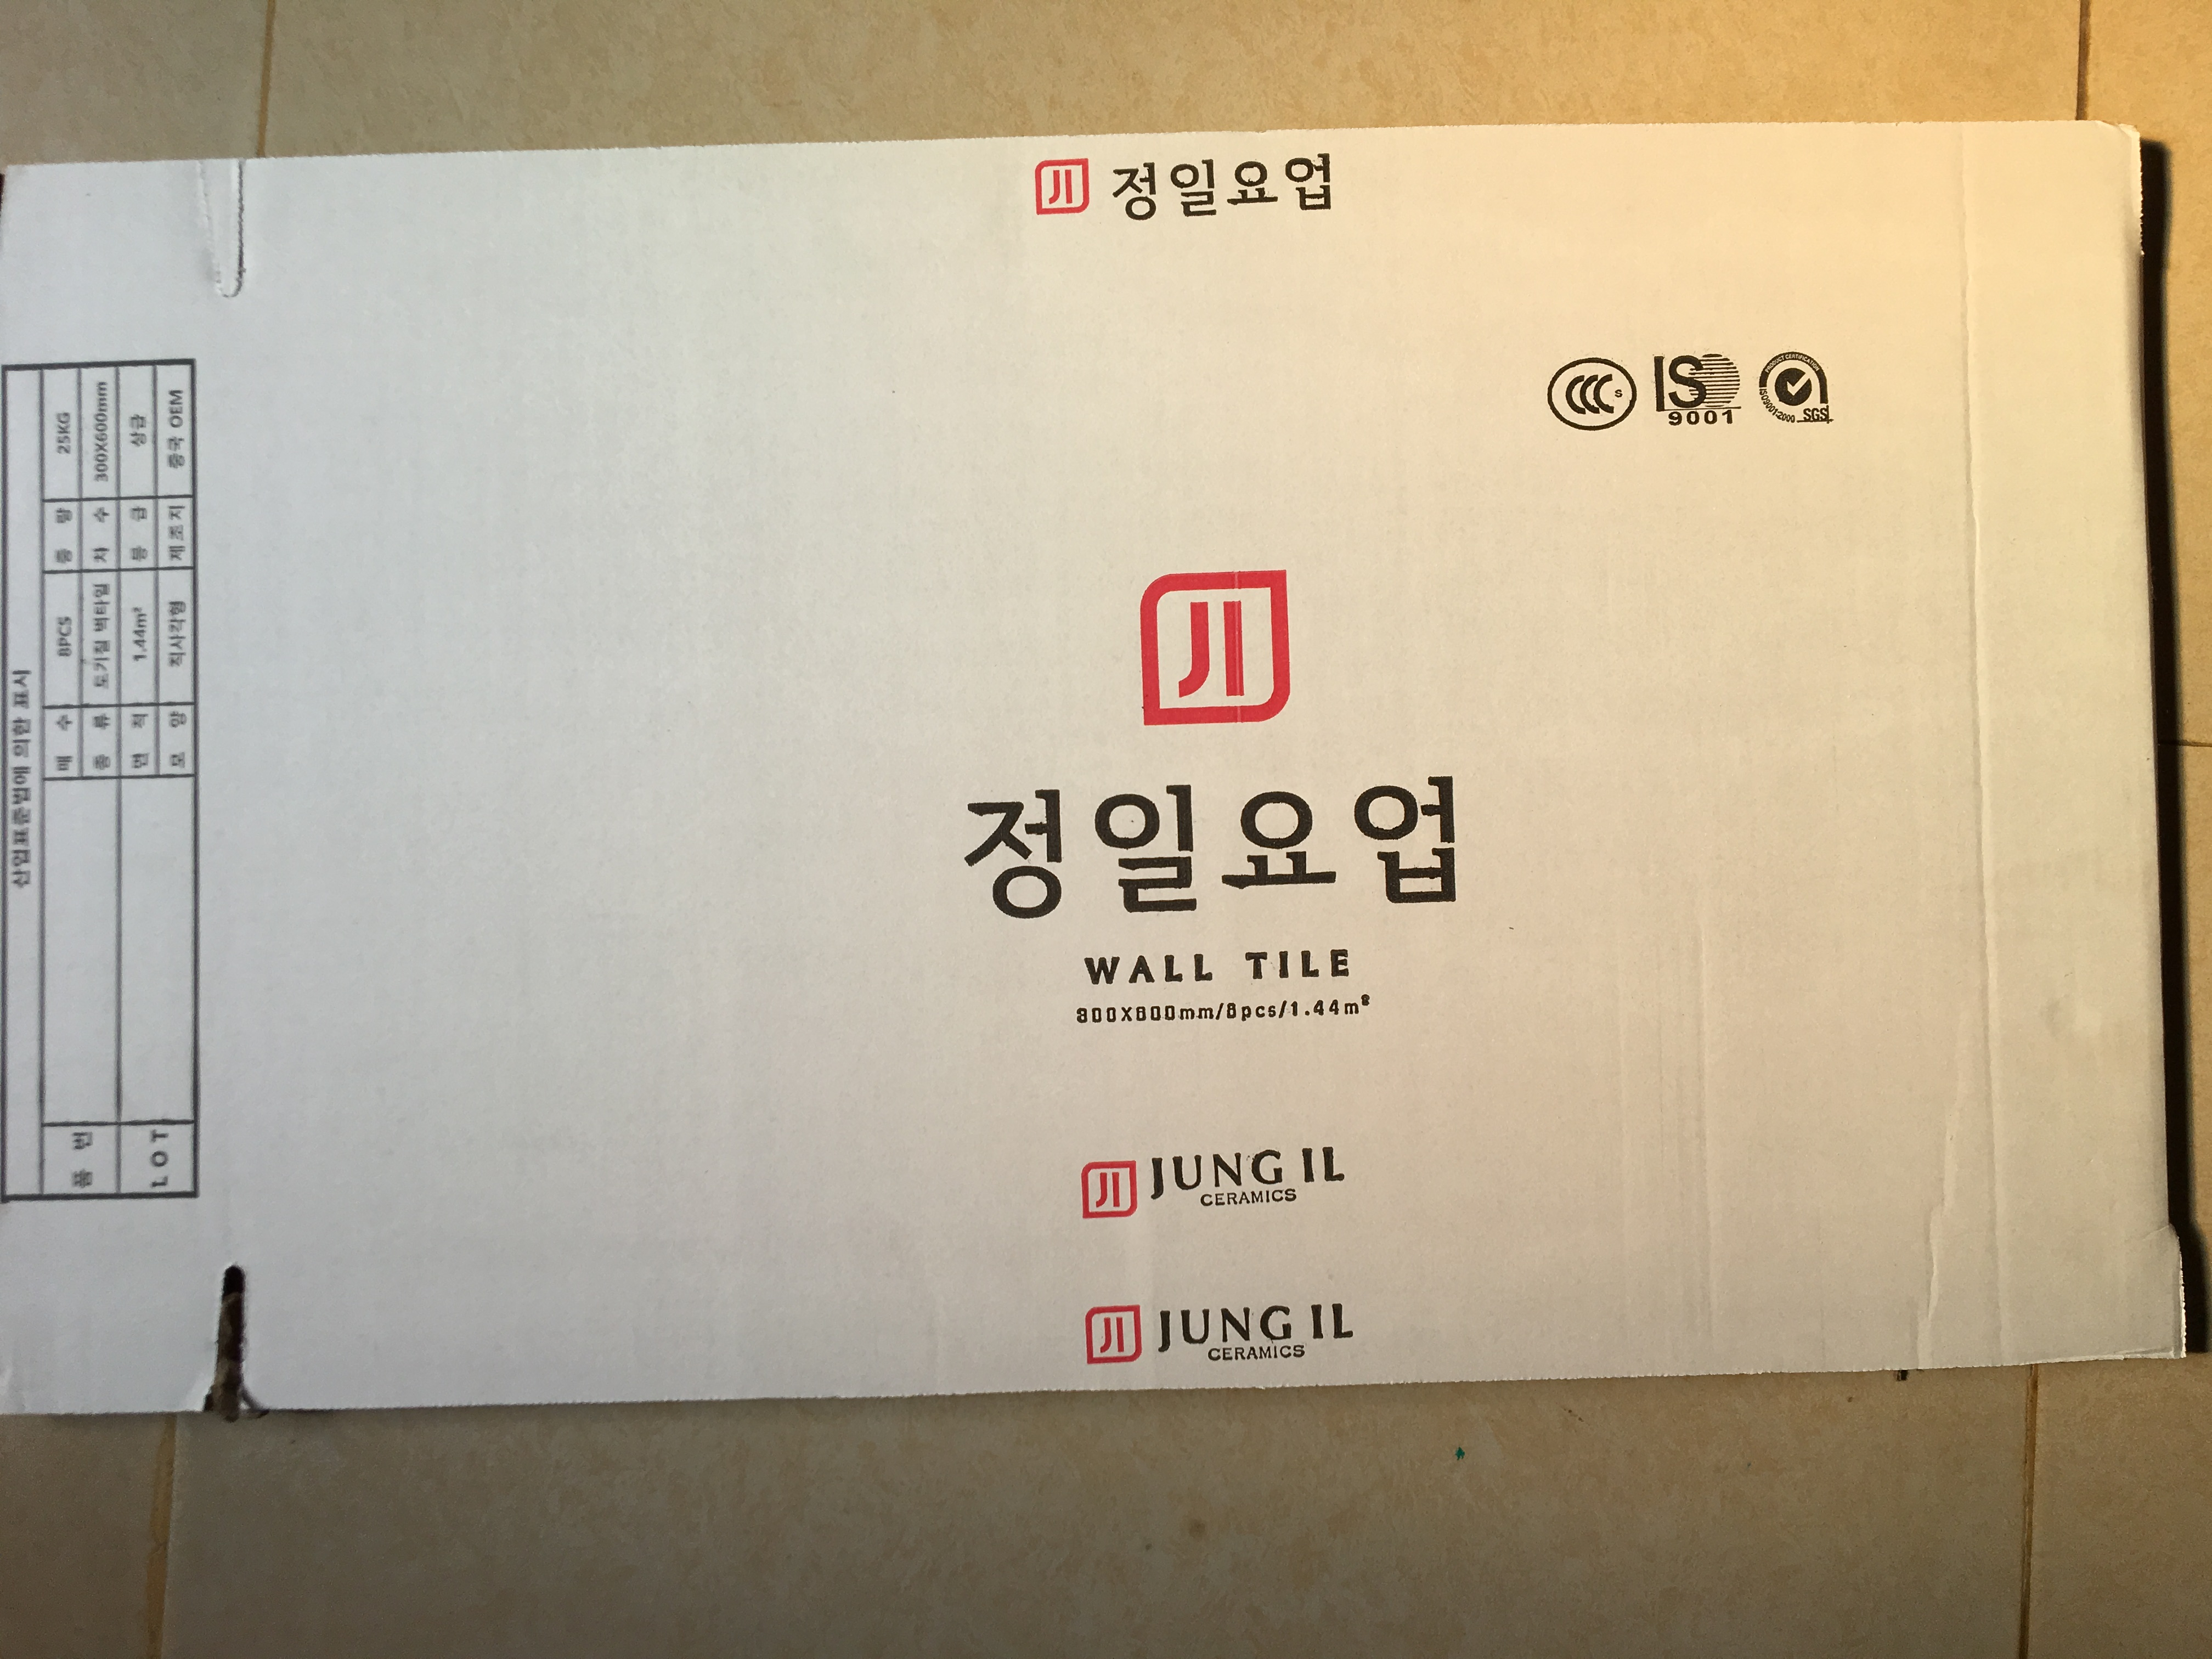 墻磚箱樣品生產廠家